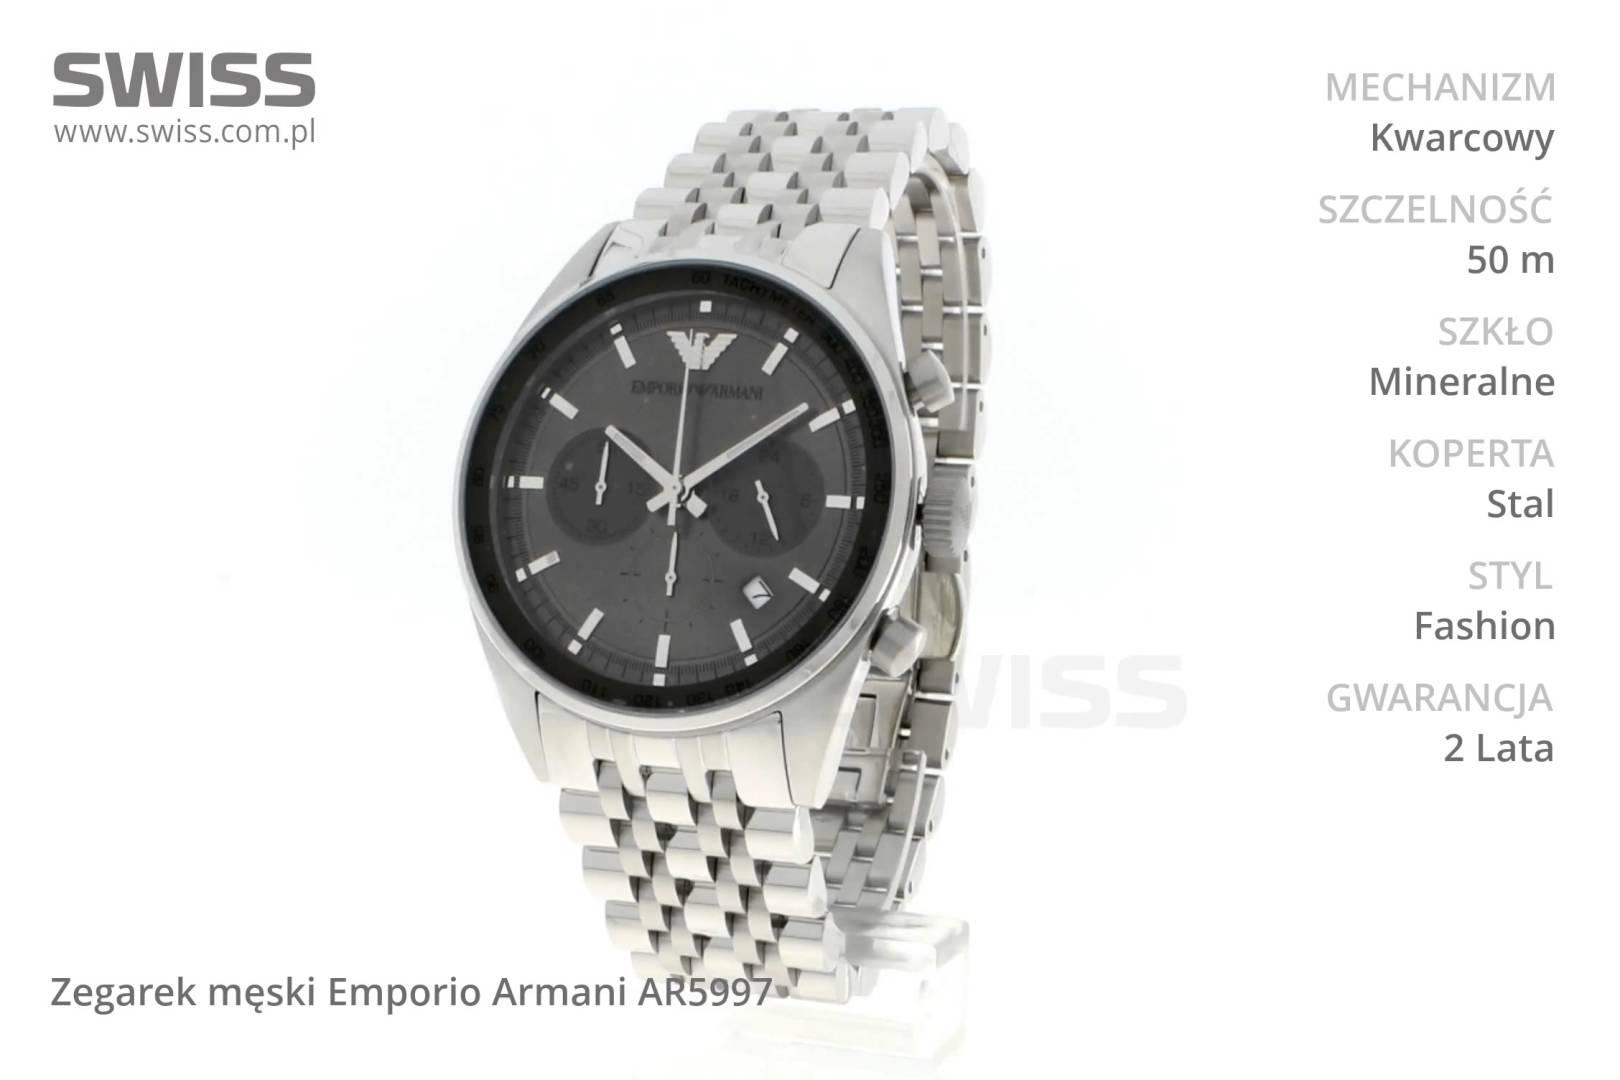 Đồng hồ nam Armani AR5997 dòng sản phẩm đồng hồ cơ từ ARMANI.